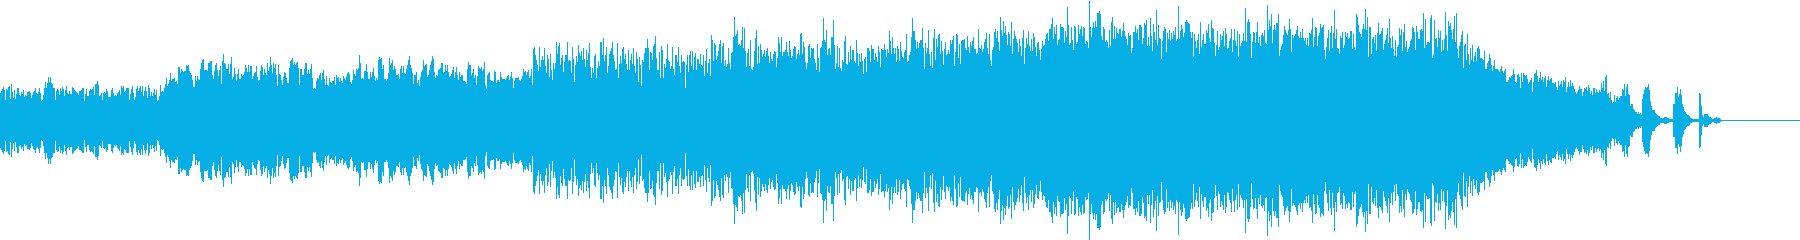 幻想的で感動的なシーンの曲の再生済みの波形